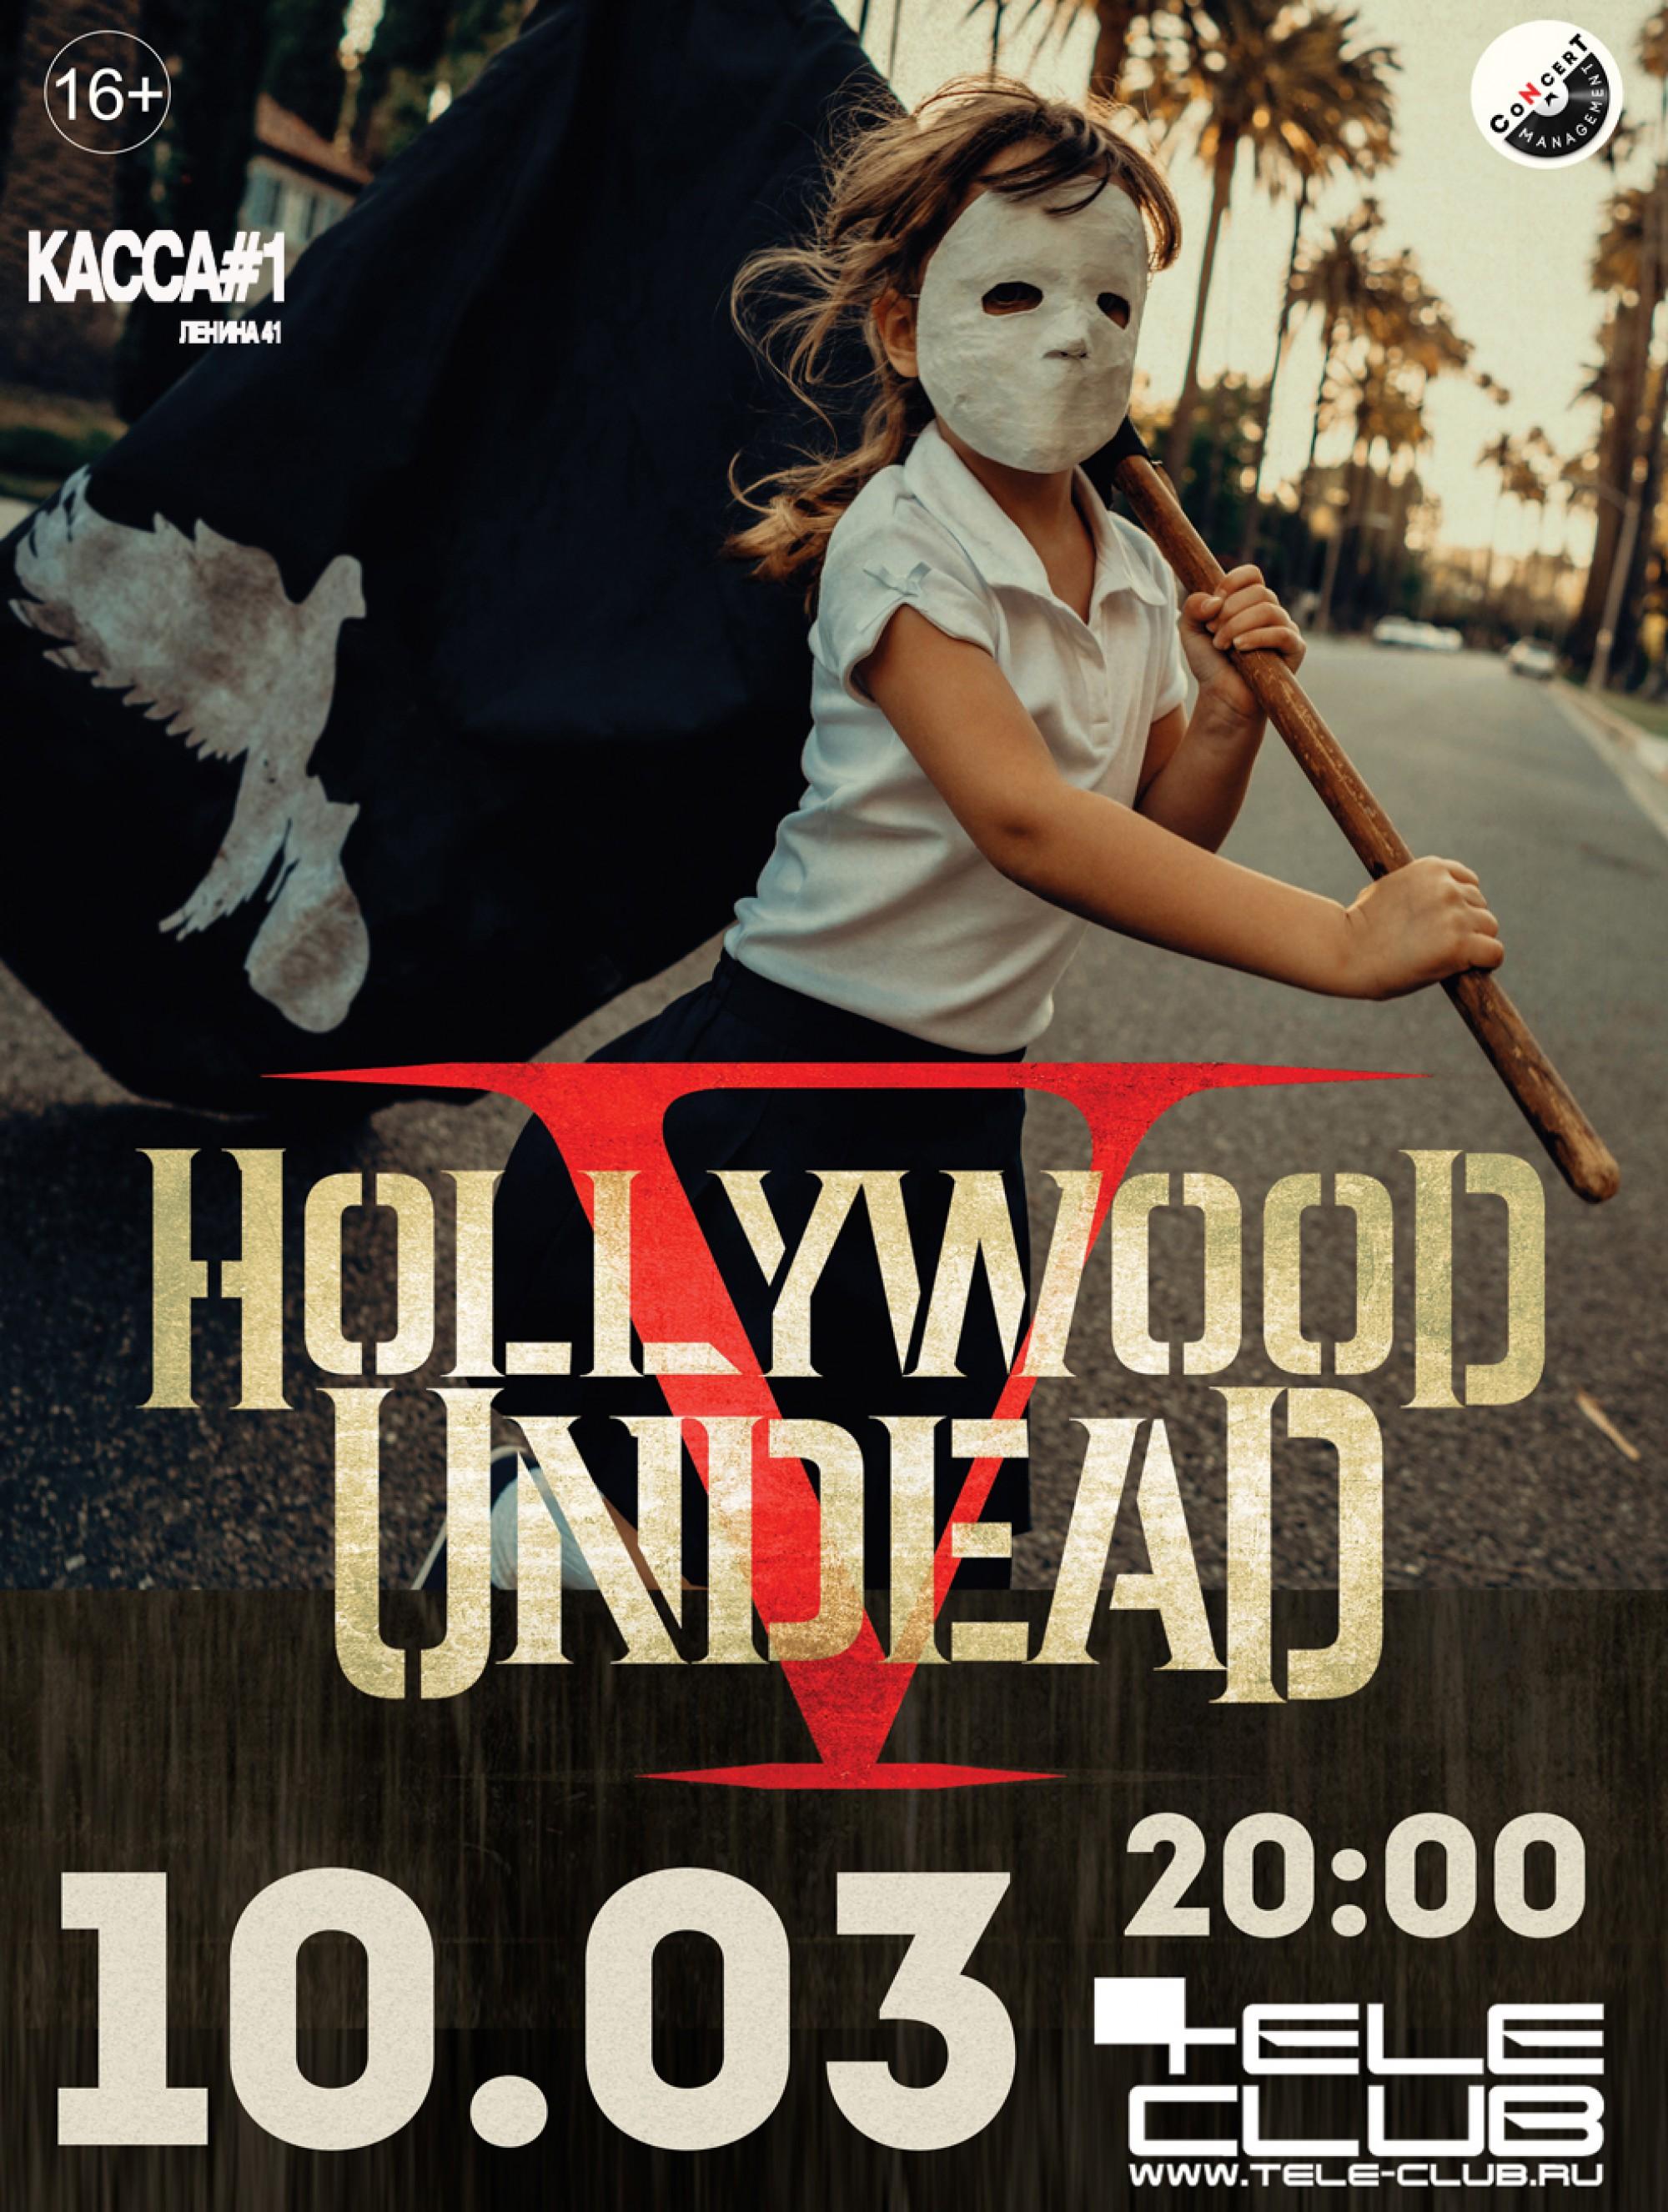 Сколько стоят билеты на концерт hollywood undead билеты в молодежный театр волгоград официальный сайт